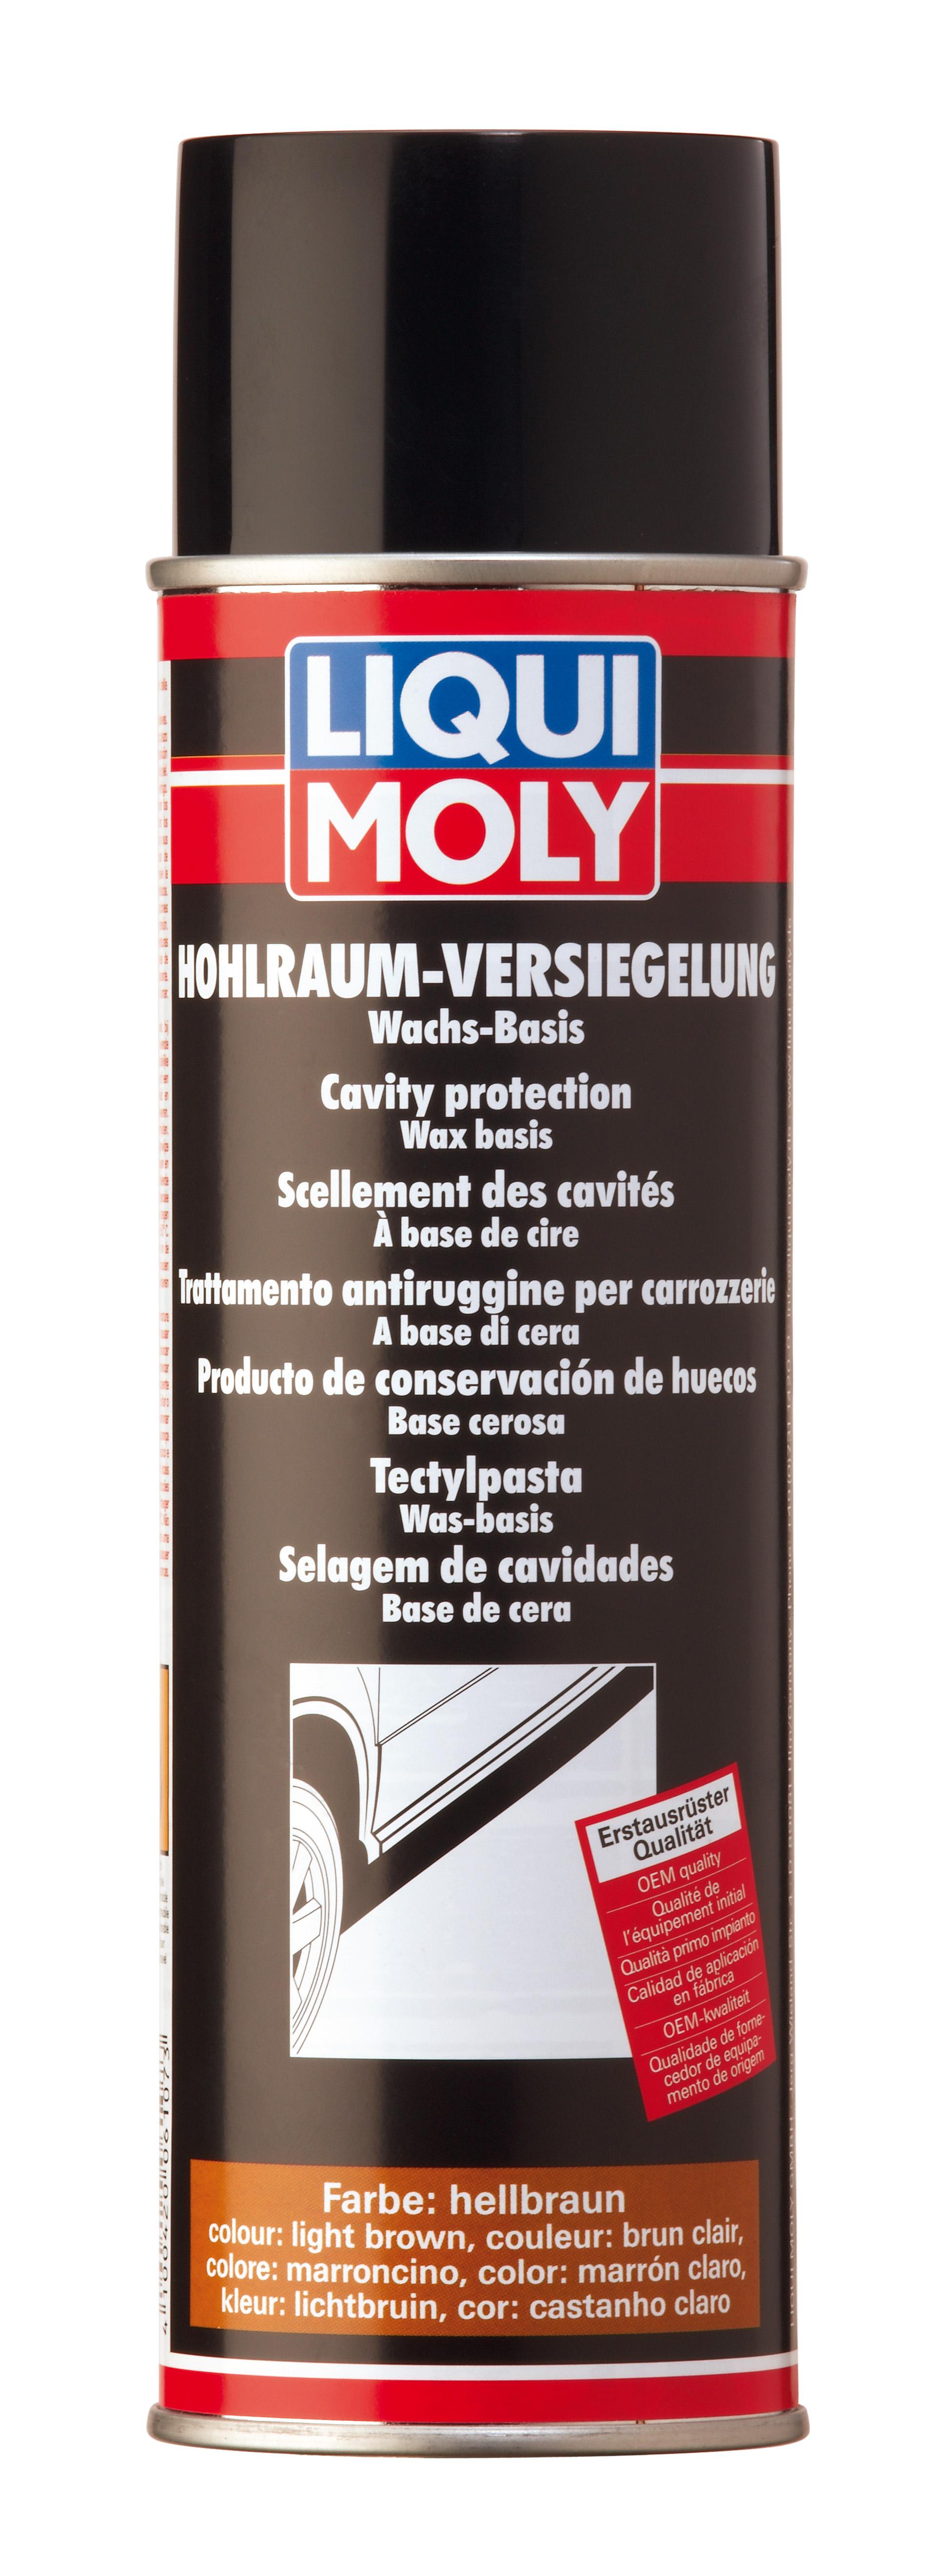 Антикор для пустот кузова воск (светло-коричневый) Hohlraum-Versiegelung hellbraun